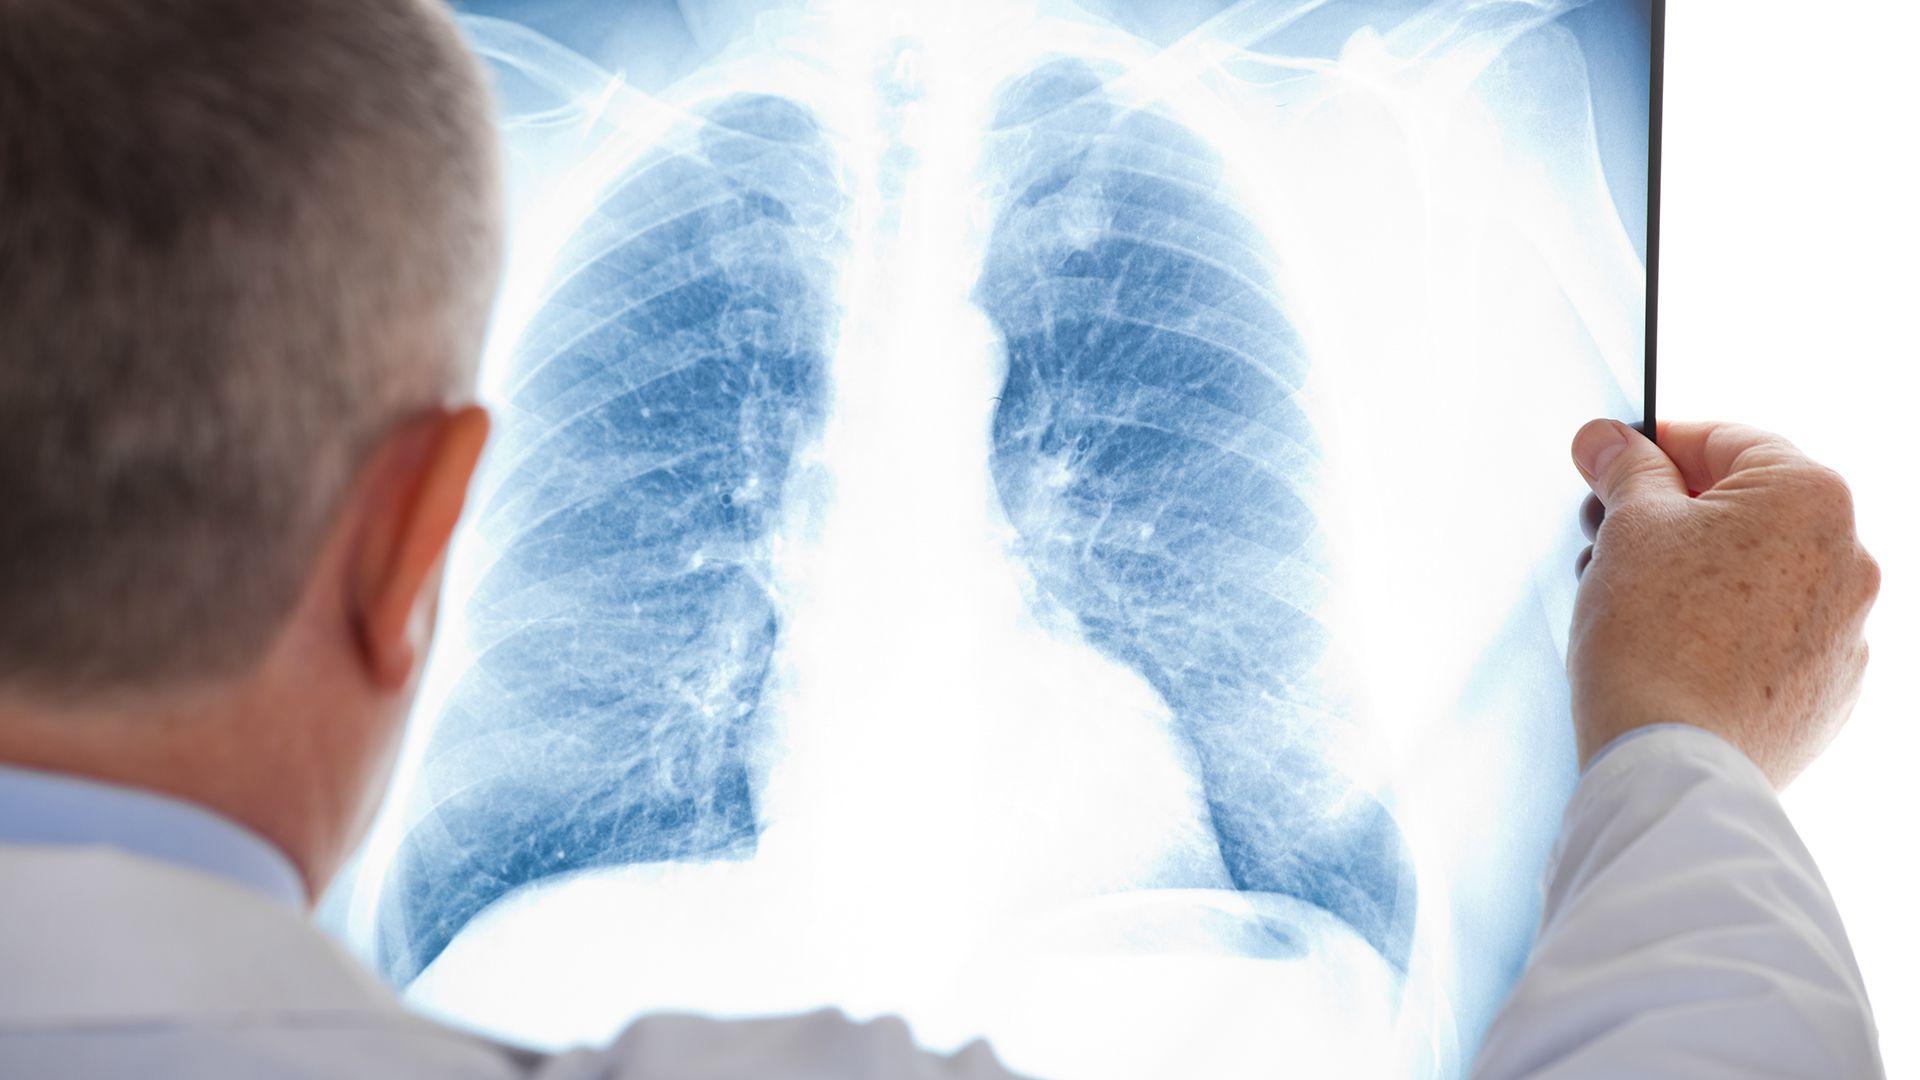 Un punto importante a tener en cuenta son las secuelas respiratorias que se presentan en los pacientes con COVID-19 (Shutterstock)